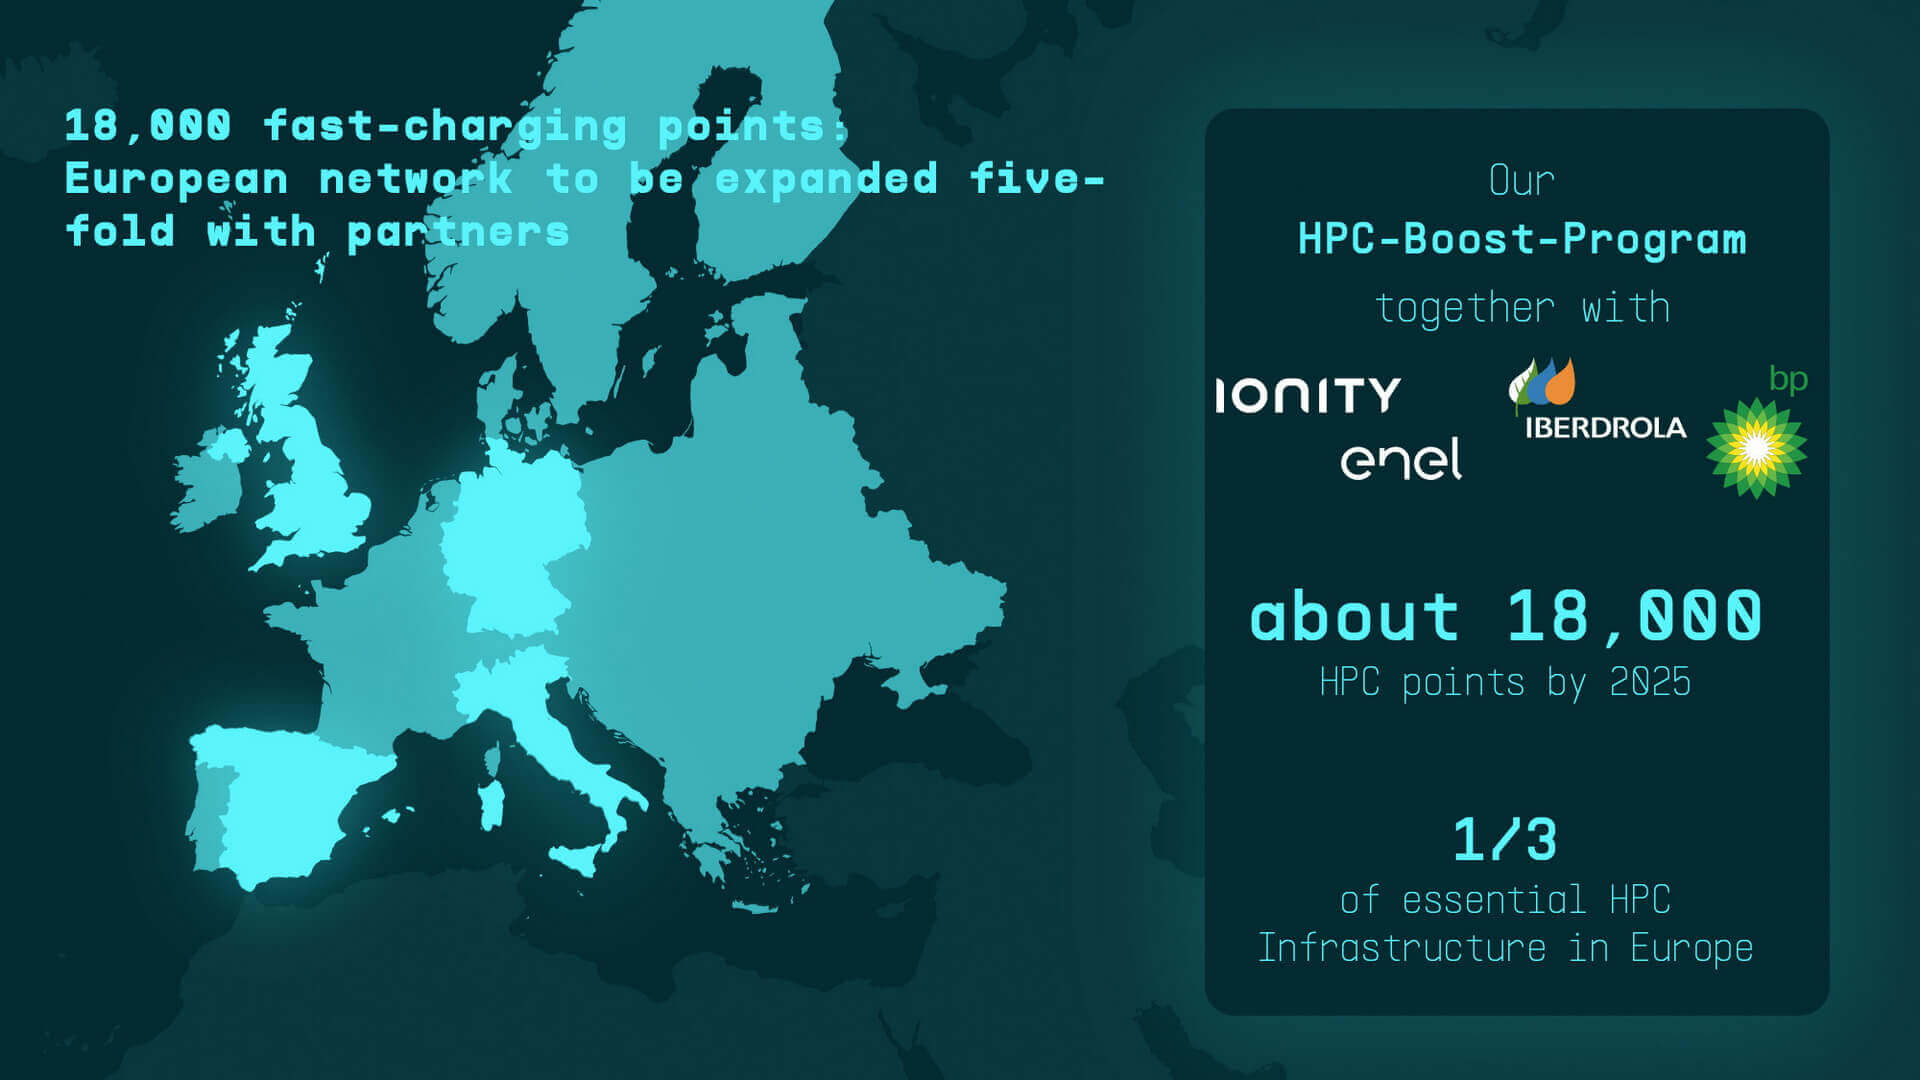 18000 пунктов быстрой зарядки: европейская сеть будет расширена в пять раз за счет партнеров